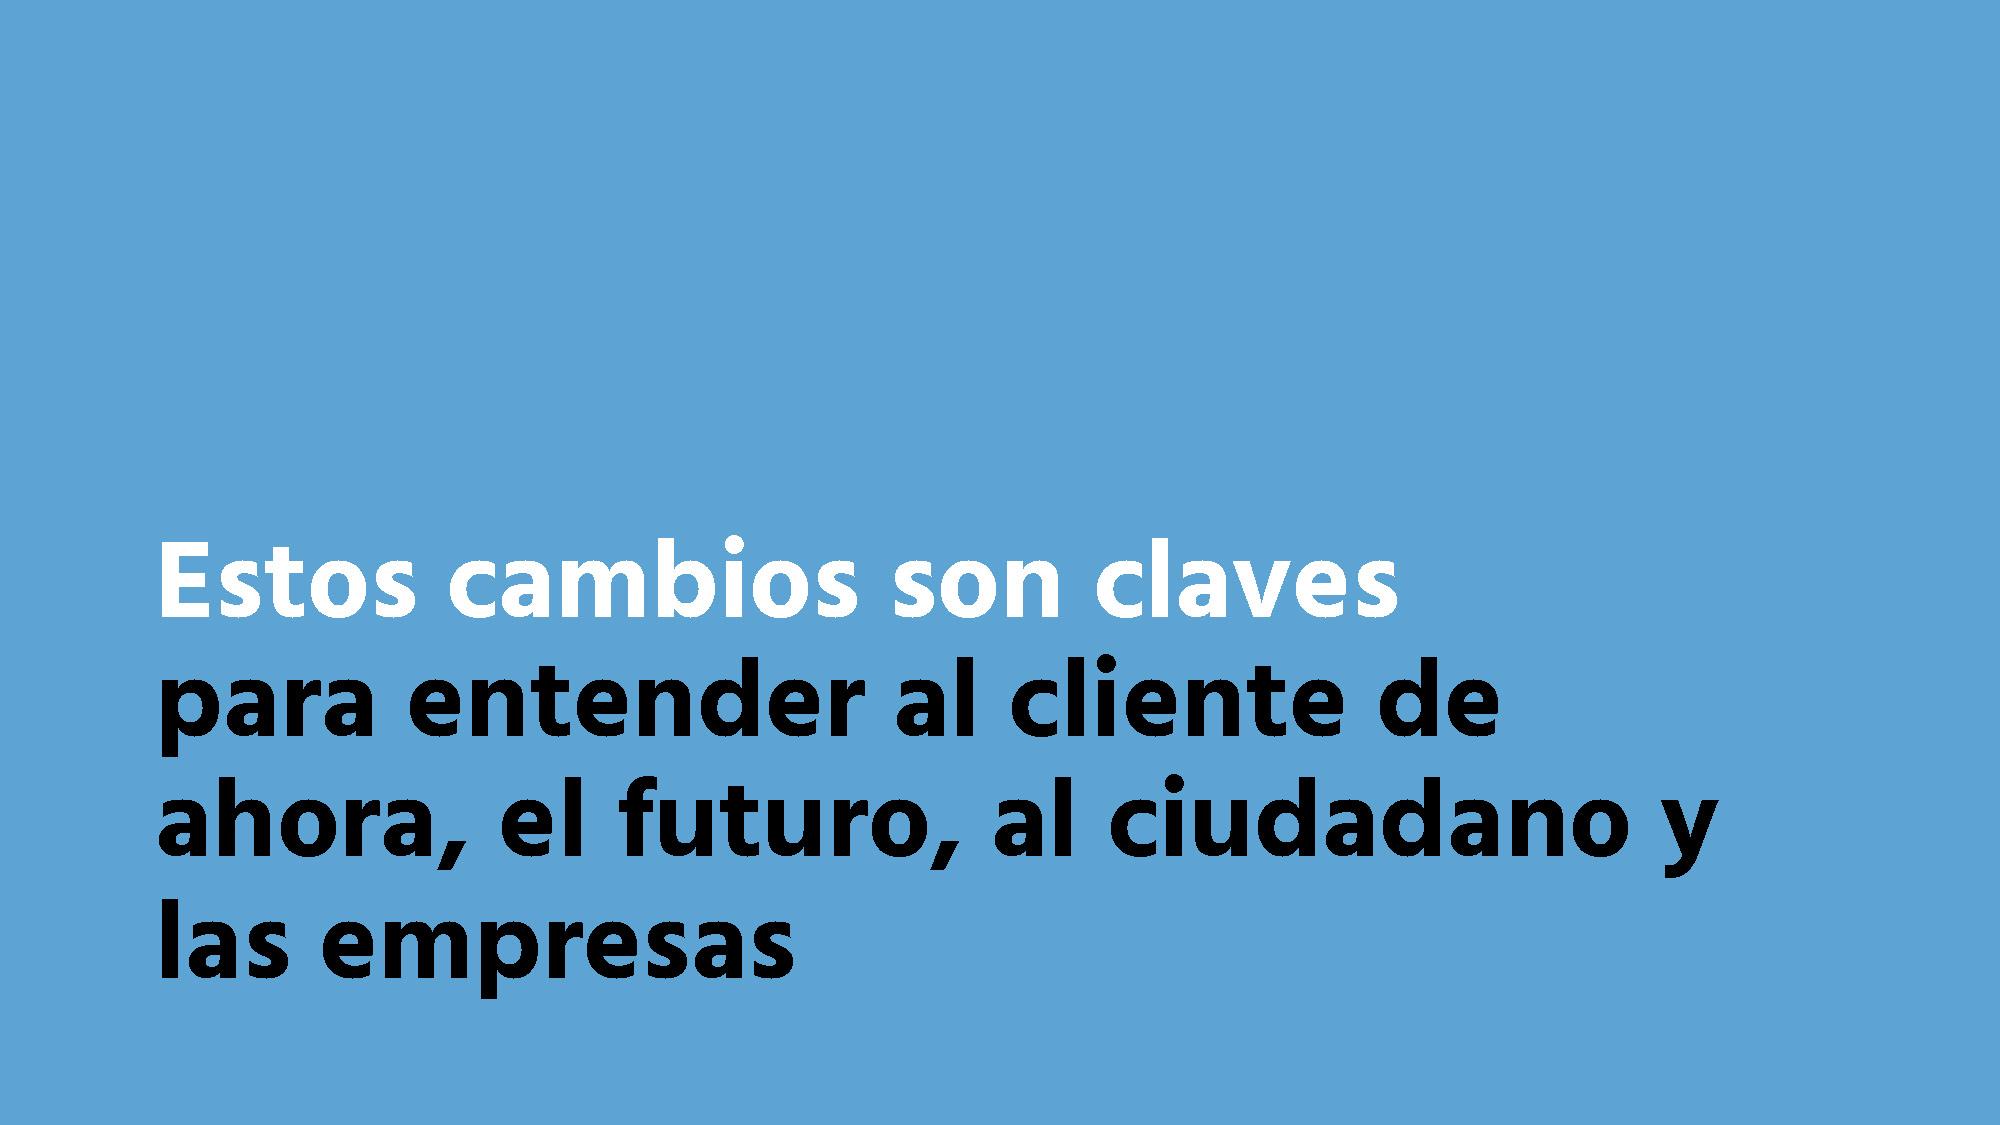 Chile_Datos de una transformacion social_Unholster_Página_07.jpg